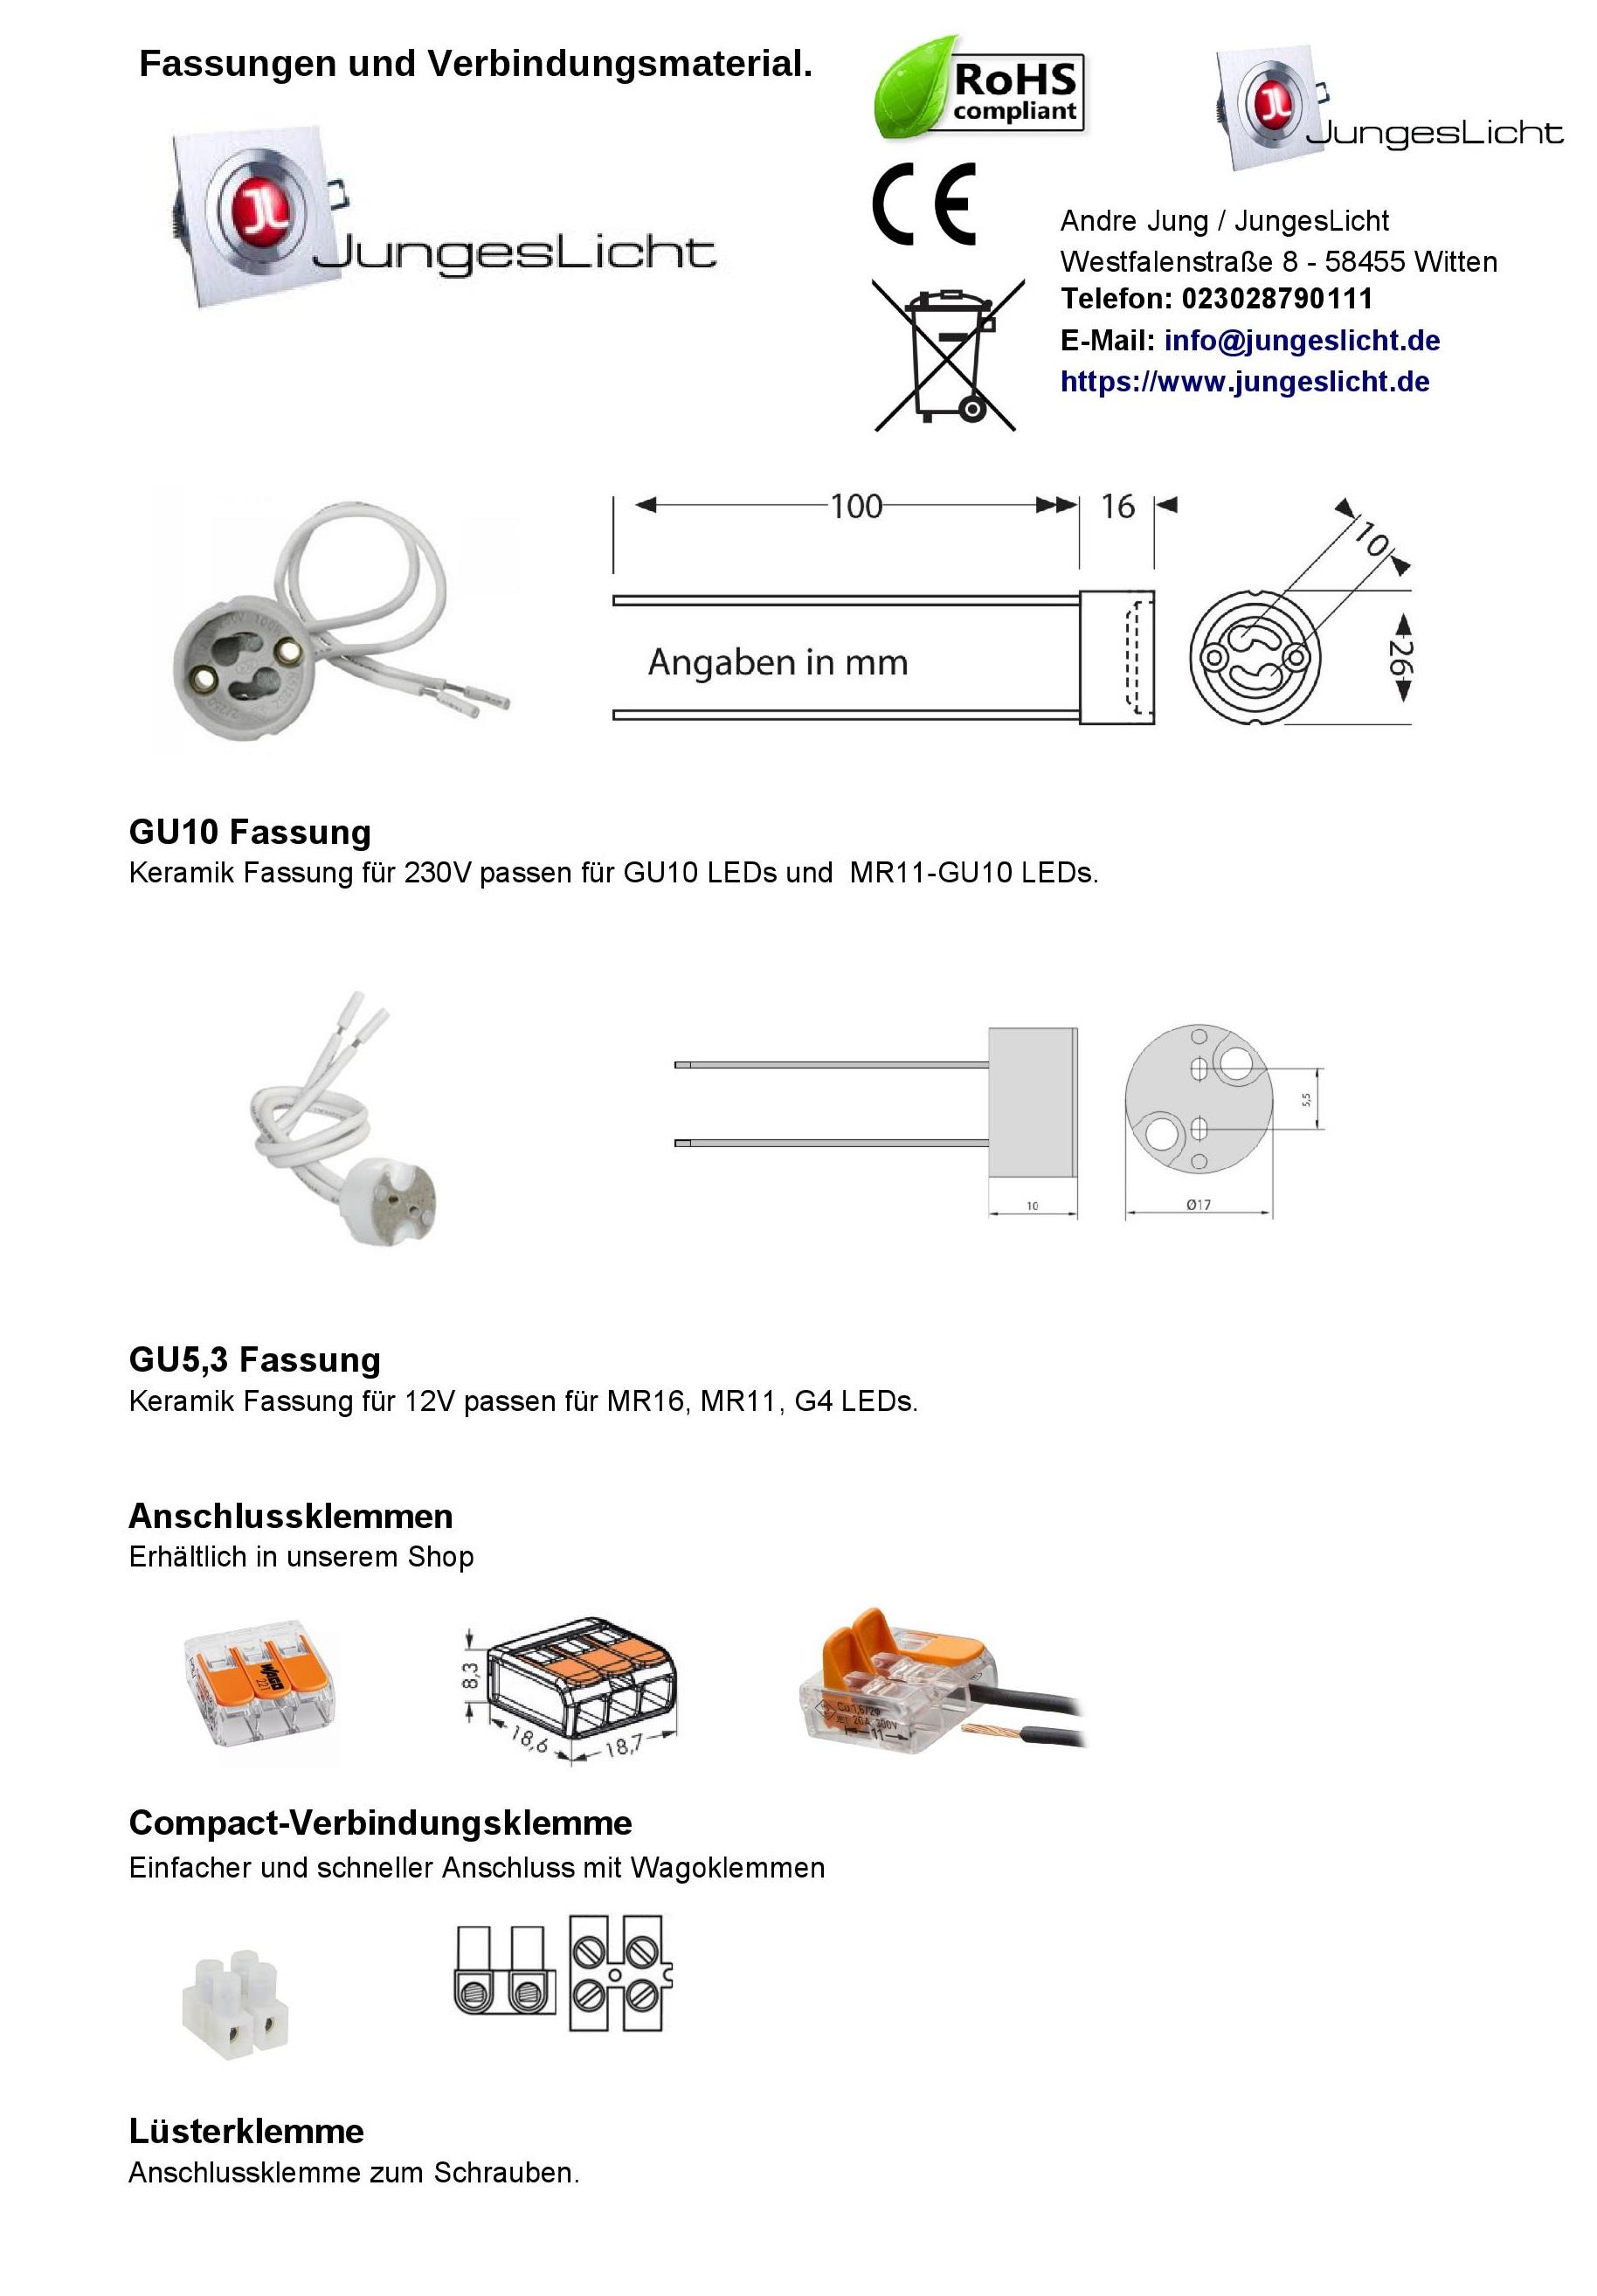 Fassungen-und-Verbindungsmaterial